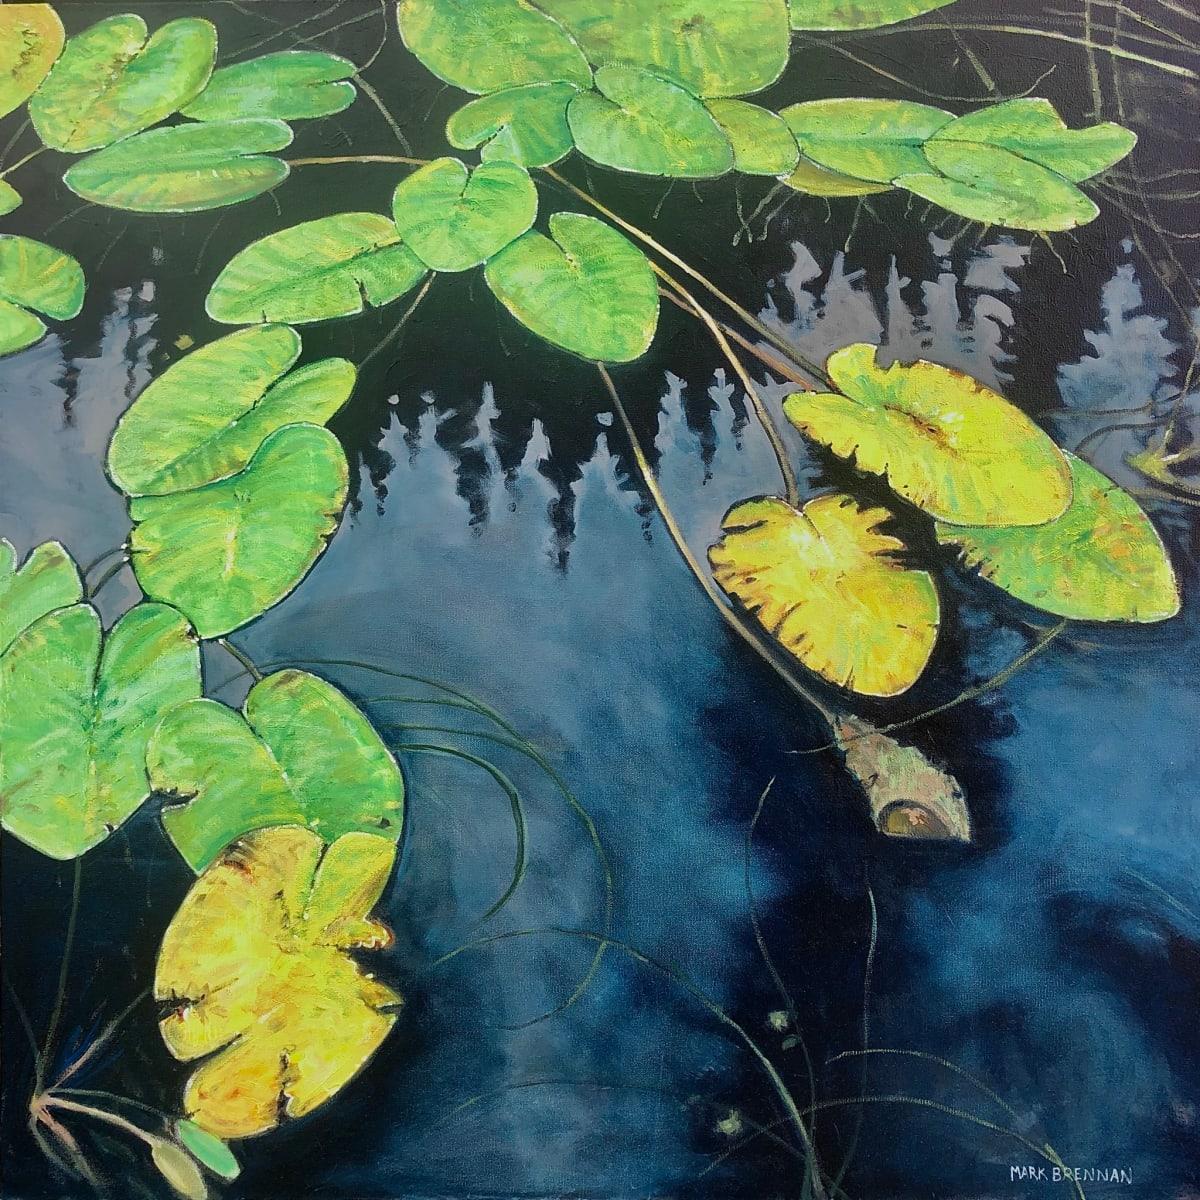 Late Summer Lilies by Mark Brennan